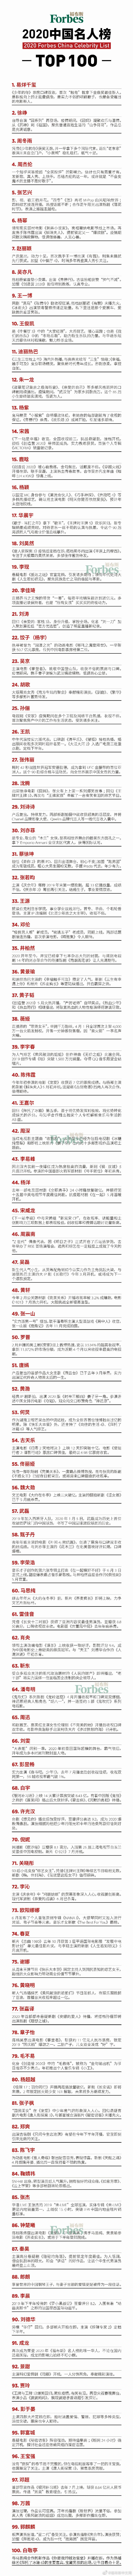 皇冠app怎么下载:福布斯中国名人榜公布 易烊千玺击败徐峥周冬雨 第5张